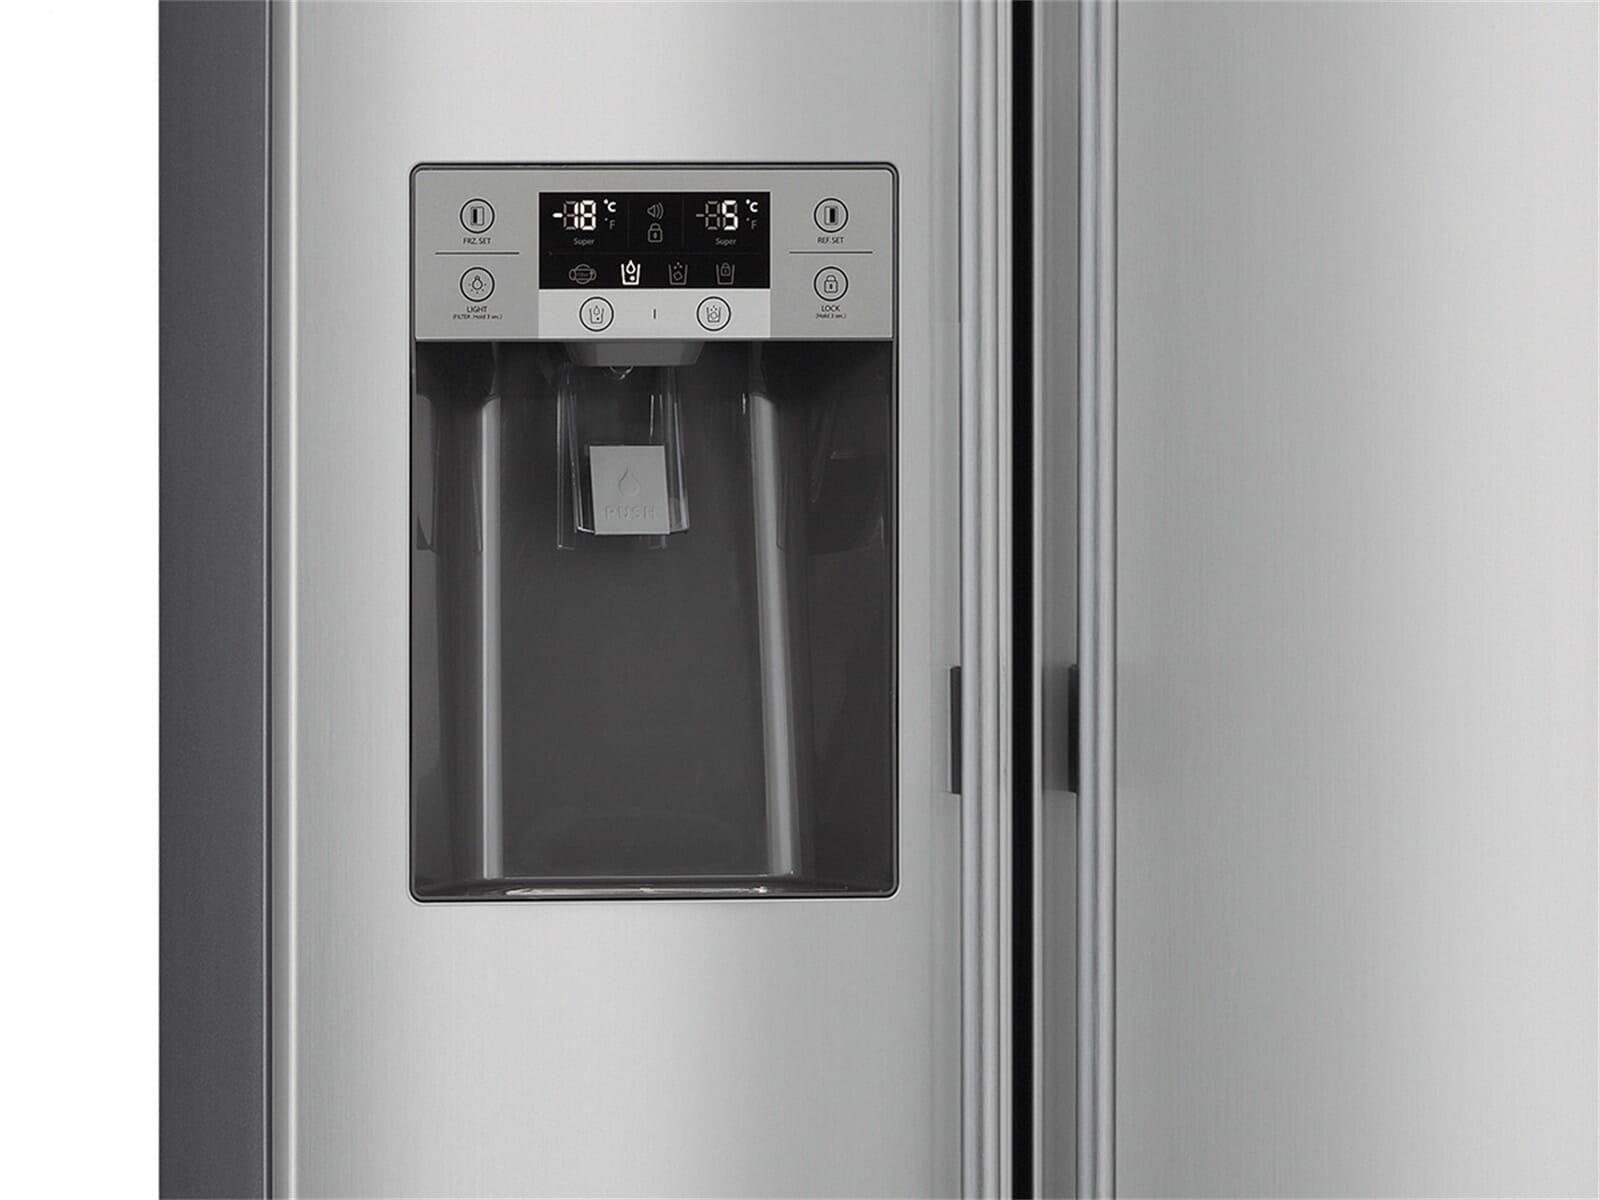 Aeg Kühlschrank Preise : Aeg küchengeräte aeg küchengeräte qualität der islam passt nicht